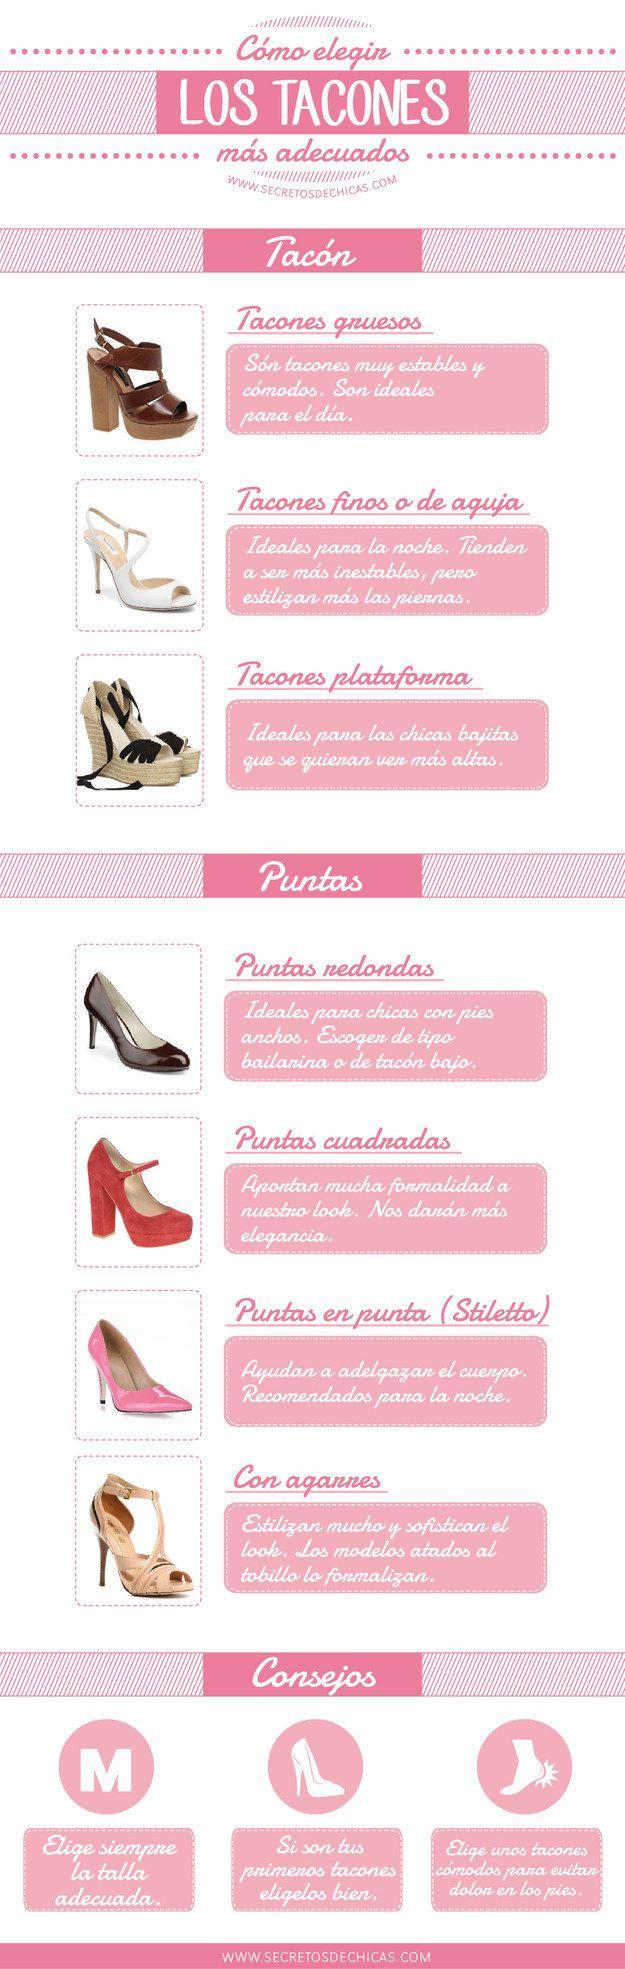 Y esta es una guía que te enseña qué clase de tacones puedes usar para diferentes ocasiones. | 18 Guías visuales de estilo que toda mujer necesita en su vida